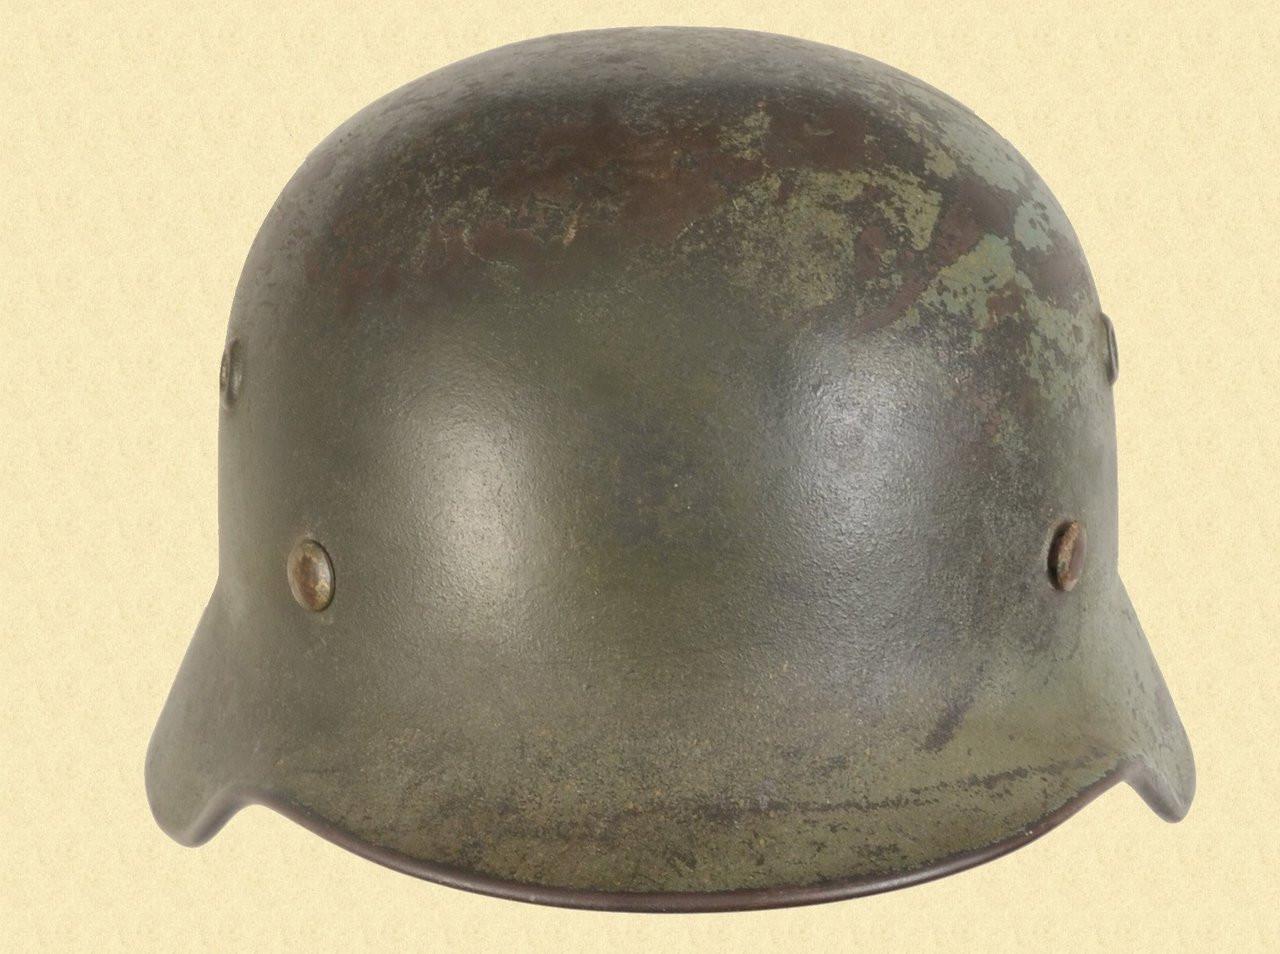 GERMAN M-35 CAMO HELMET - C41500